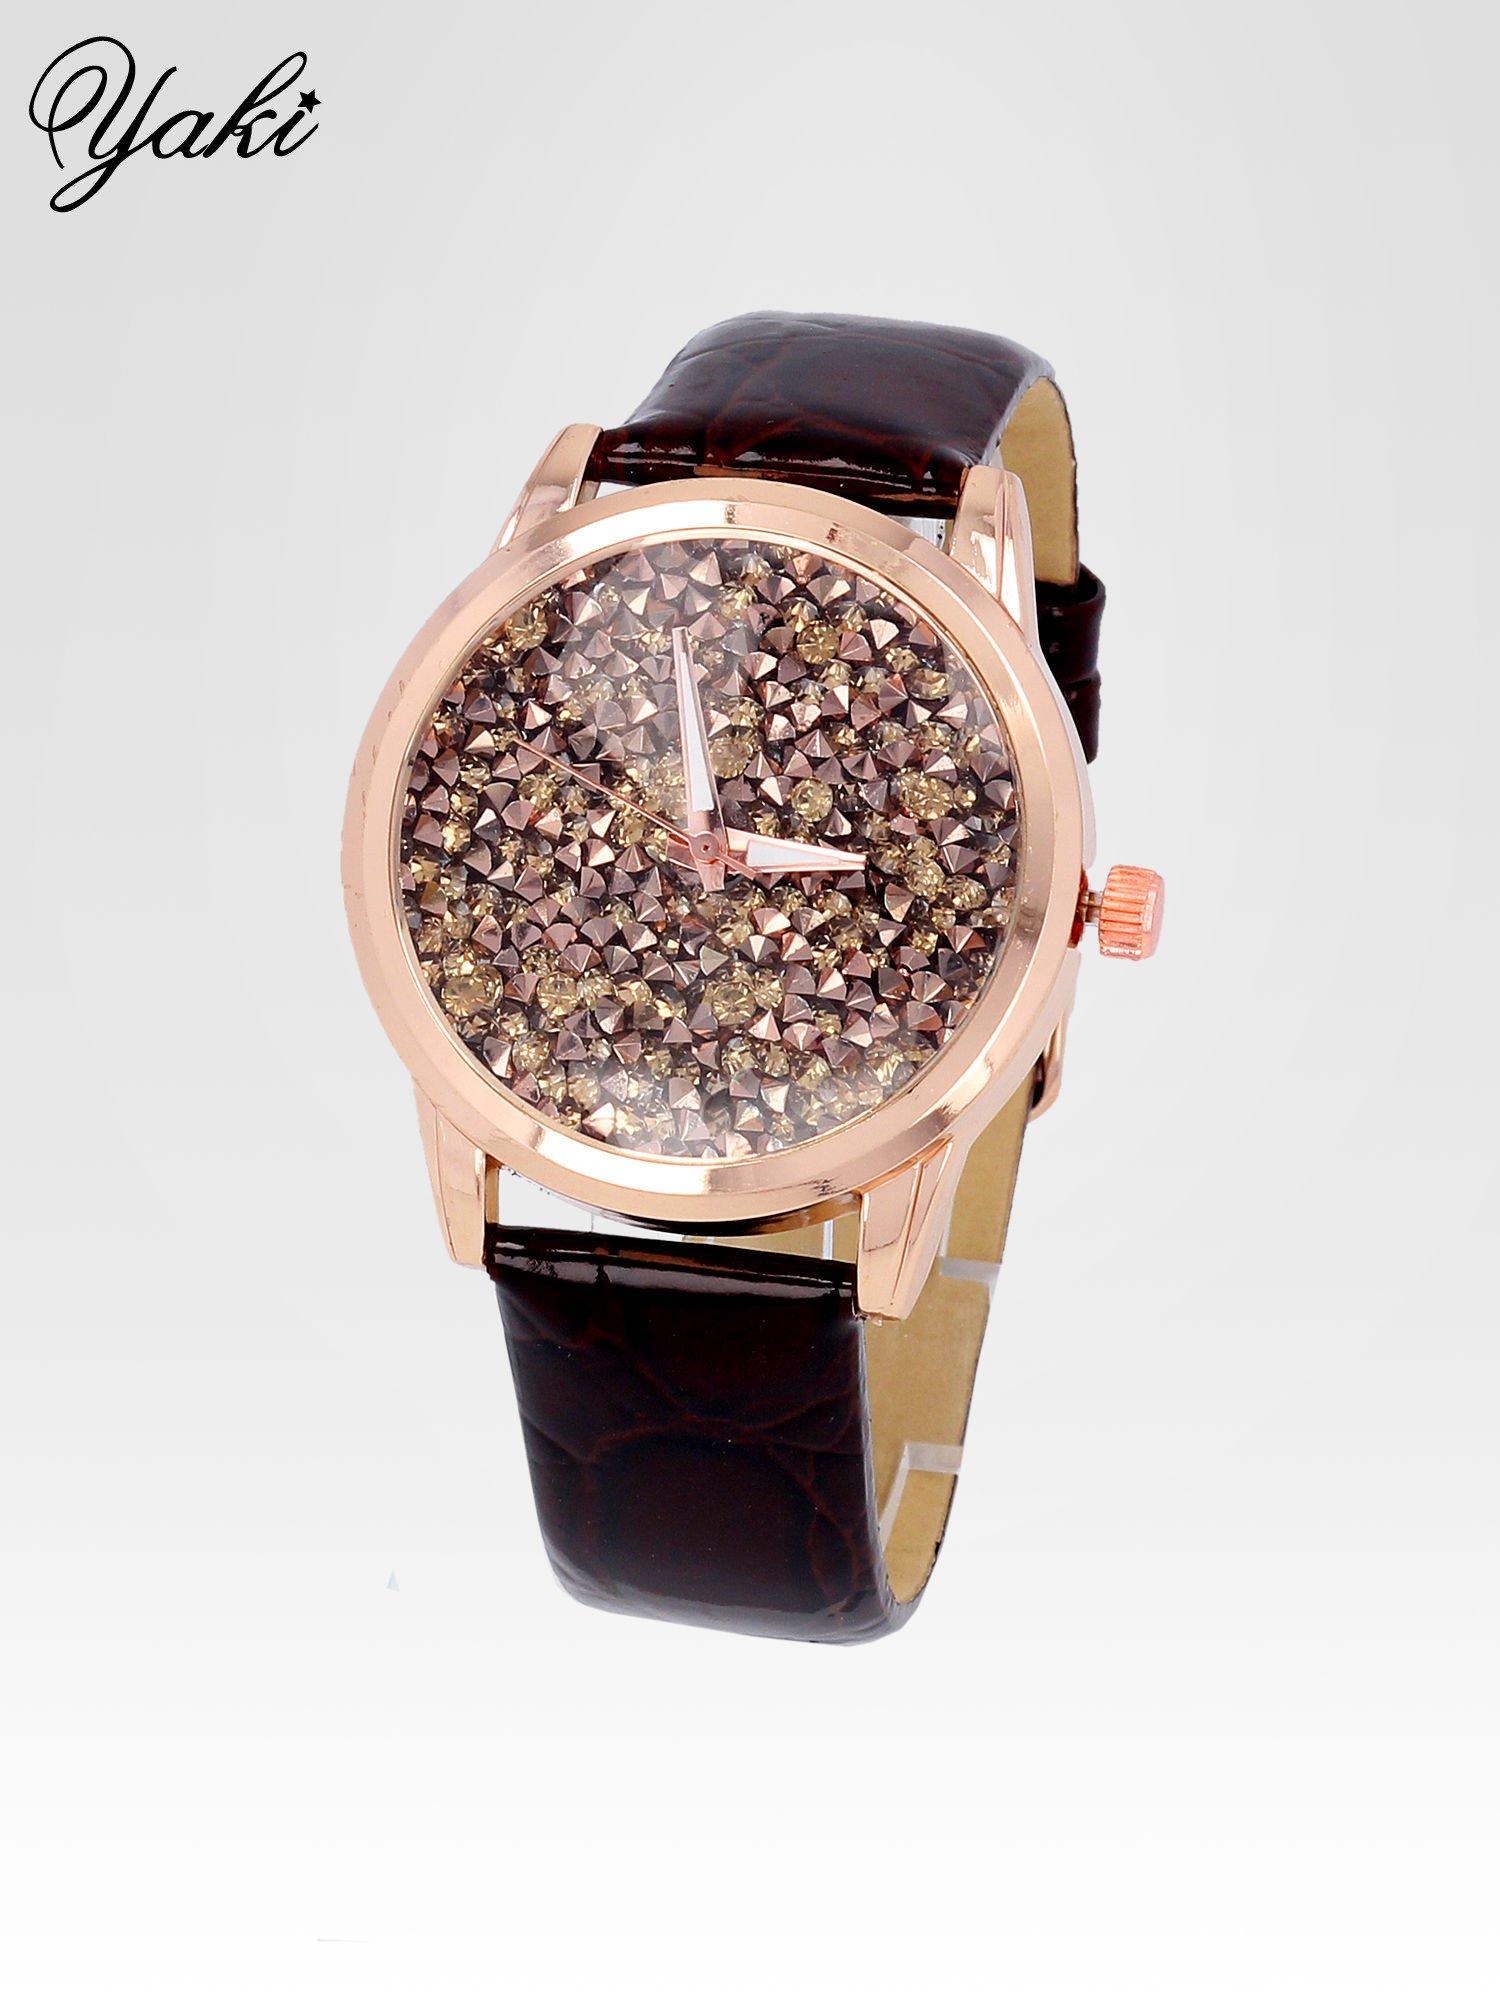 Brązowy zegarek damski na pasku z tarczą glitter                                  zdj.                                  2